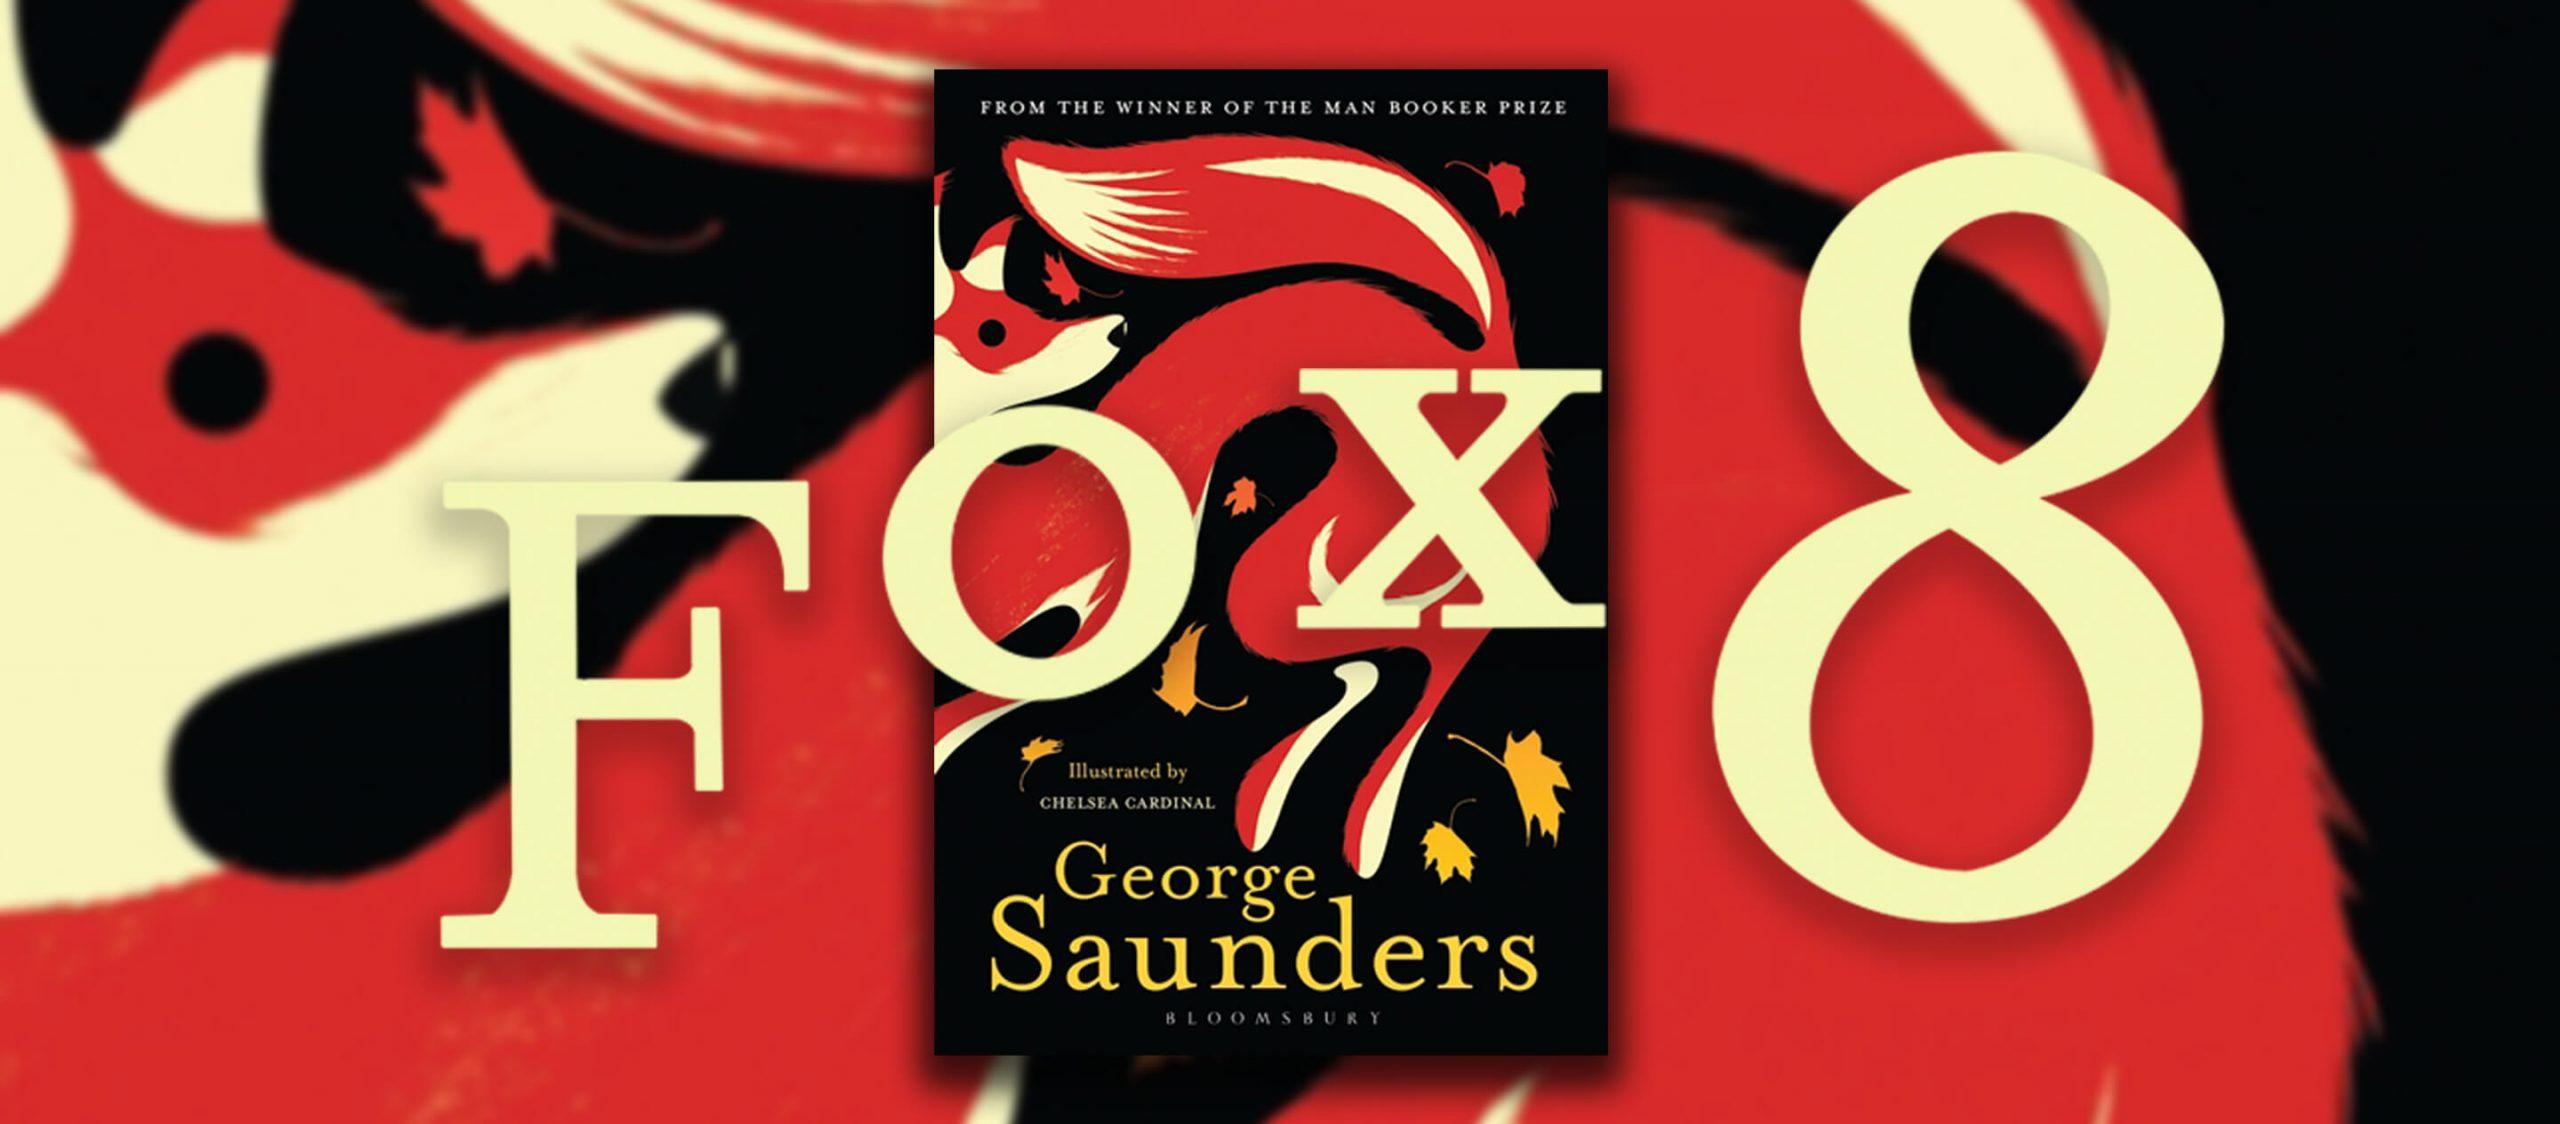 Fox 8 หนังสือว่าด้วยสุนัขจิ้งจอกพูดได้ และความกังวลใจของสัตว์ต่อการกระทำของมนุษย์